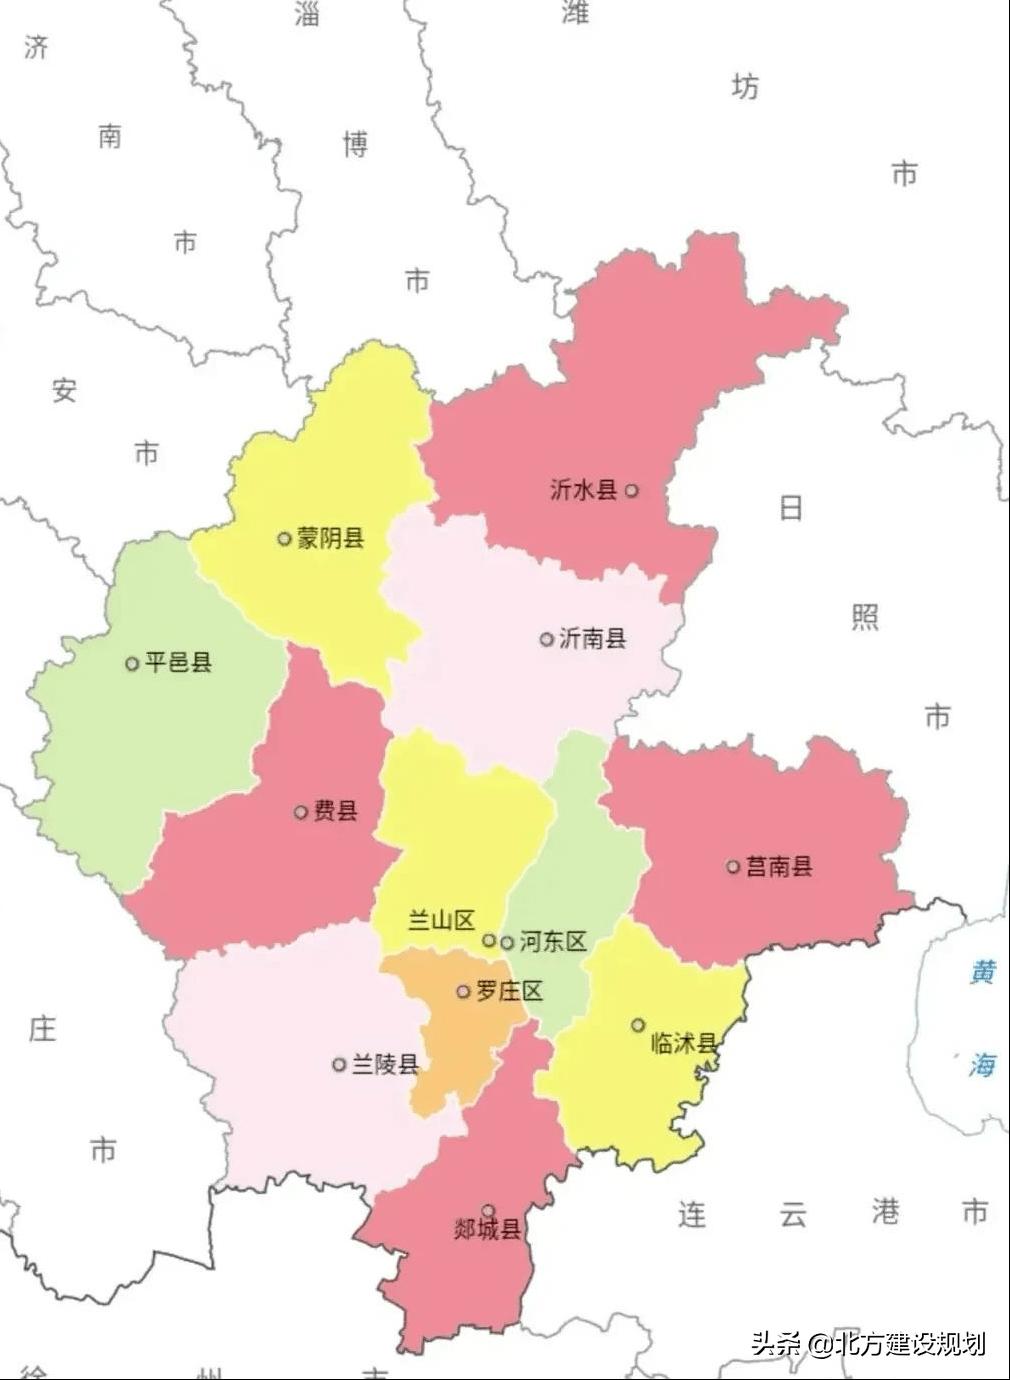 临沂各区县人口_临沂各区县人口一览:兰陵县110.44万,罗庄区67.93万